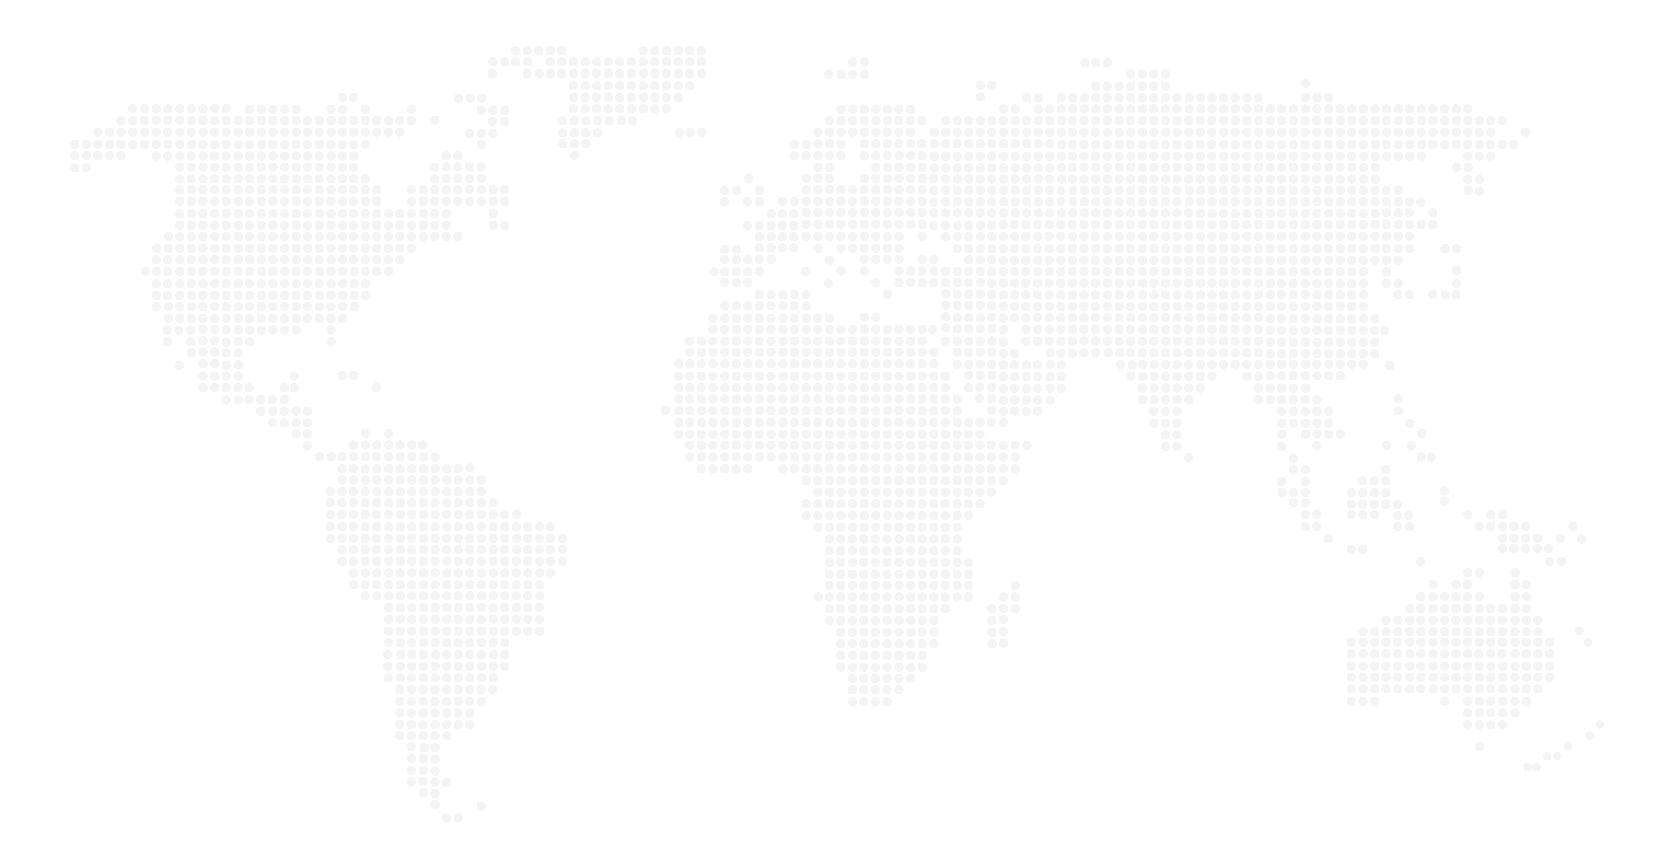 worldmappoints-01